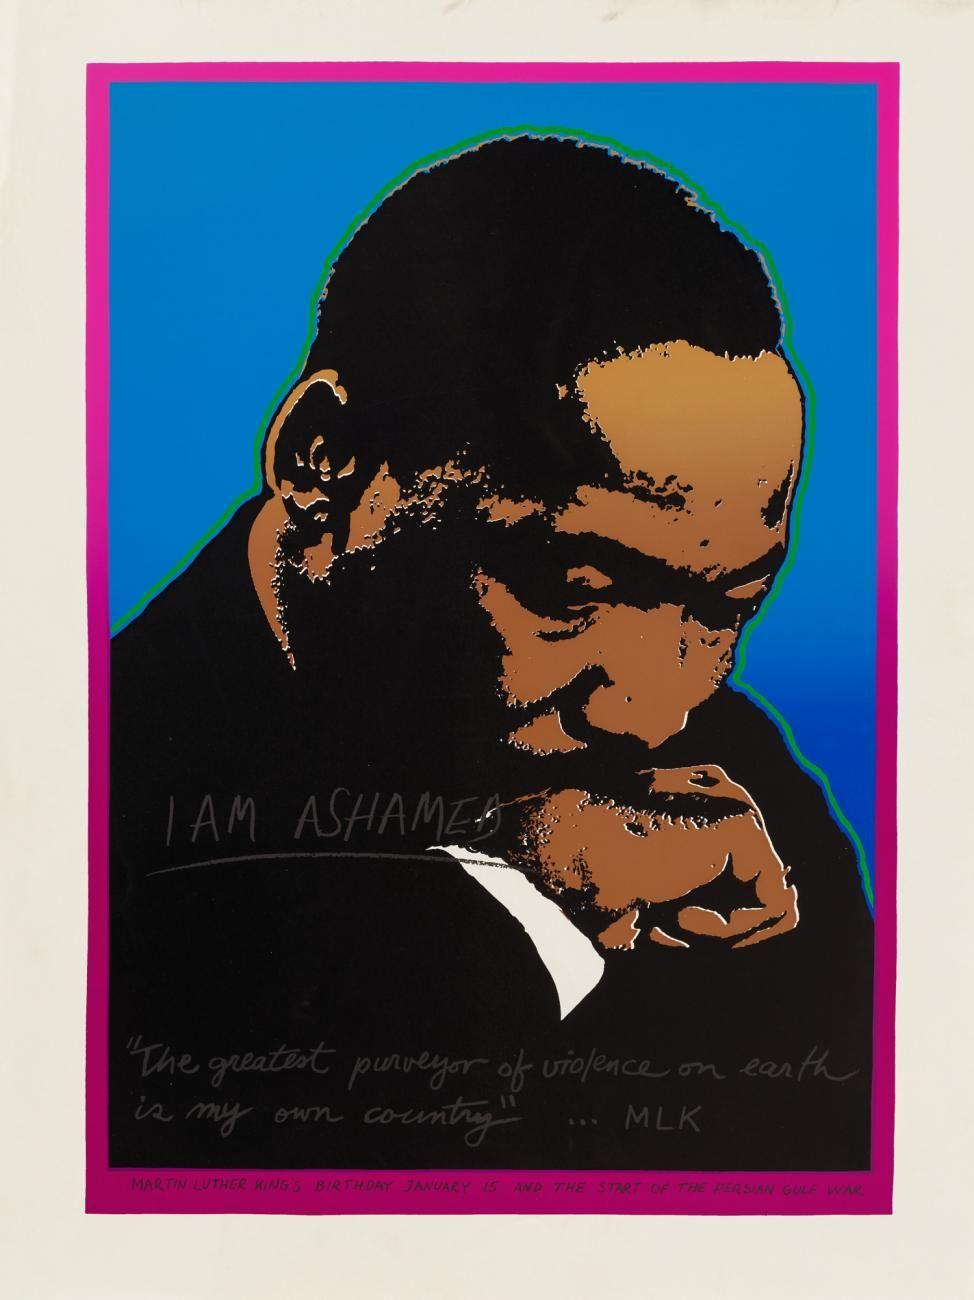 An artwork of MLK